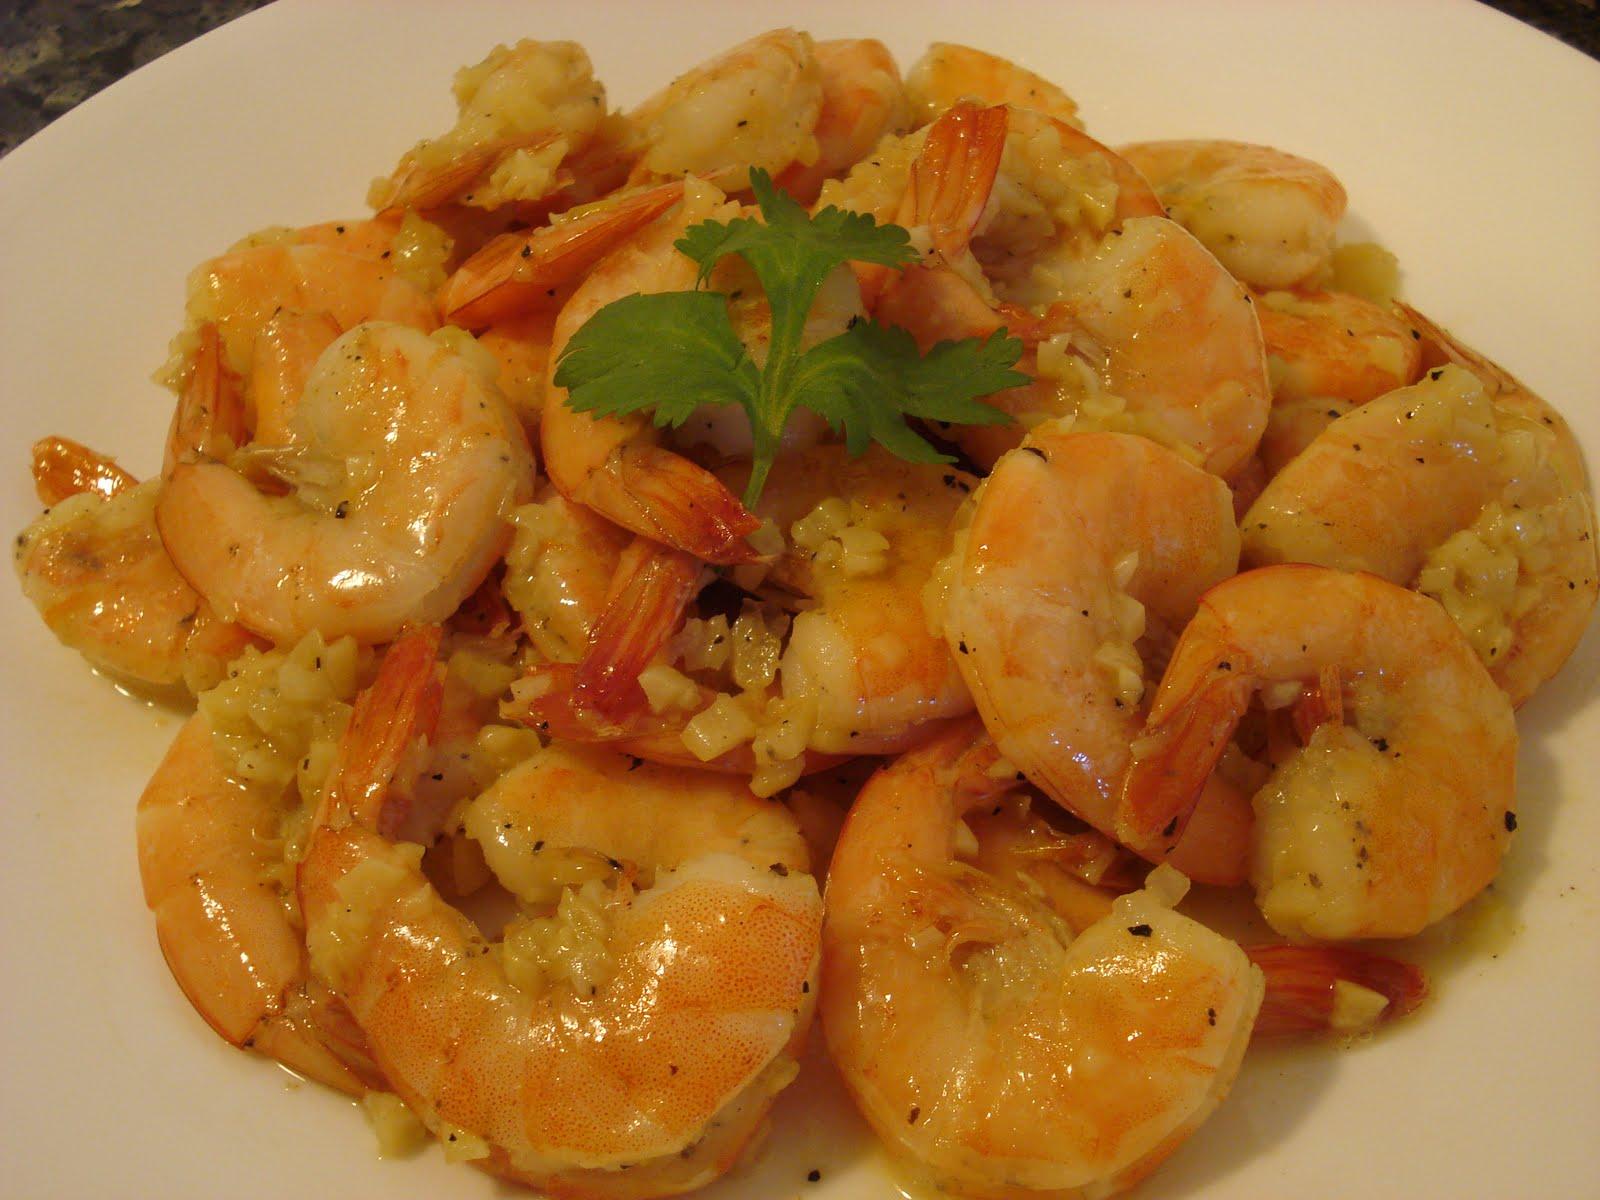 Frugal and Tasty: Easy Shrimp Scampi